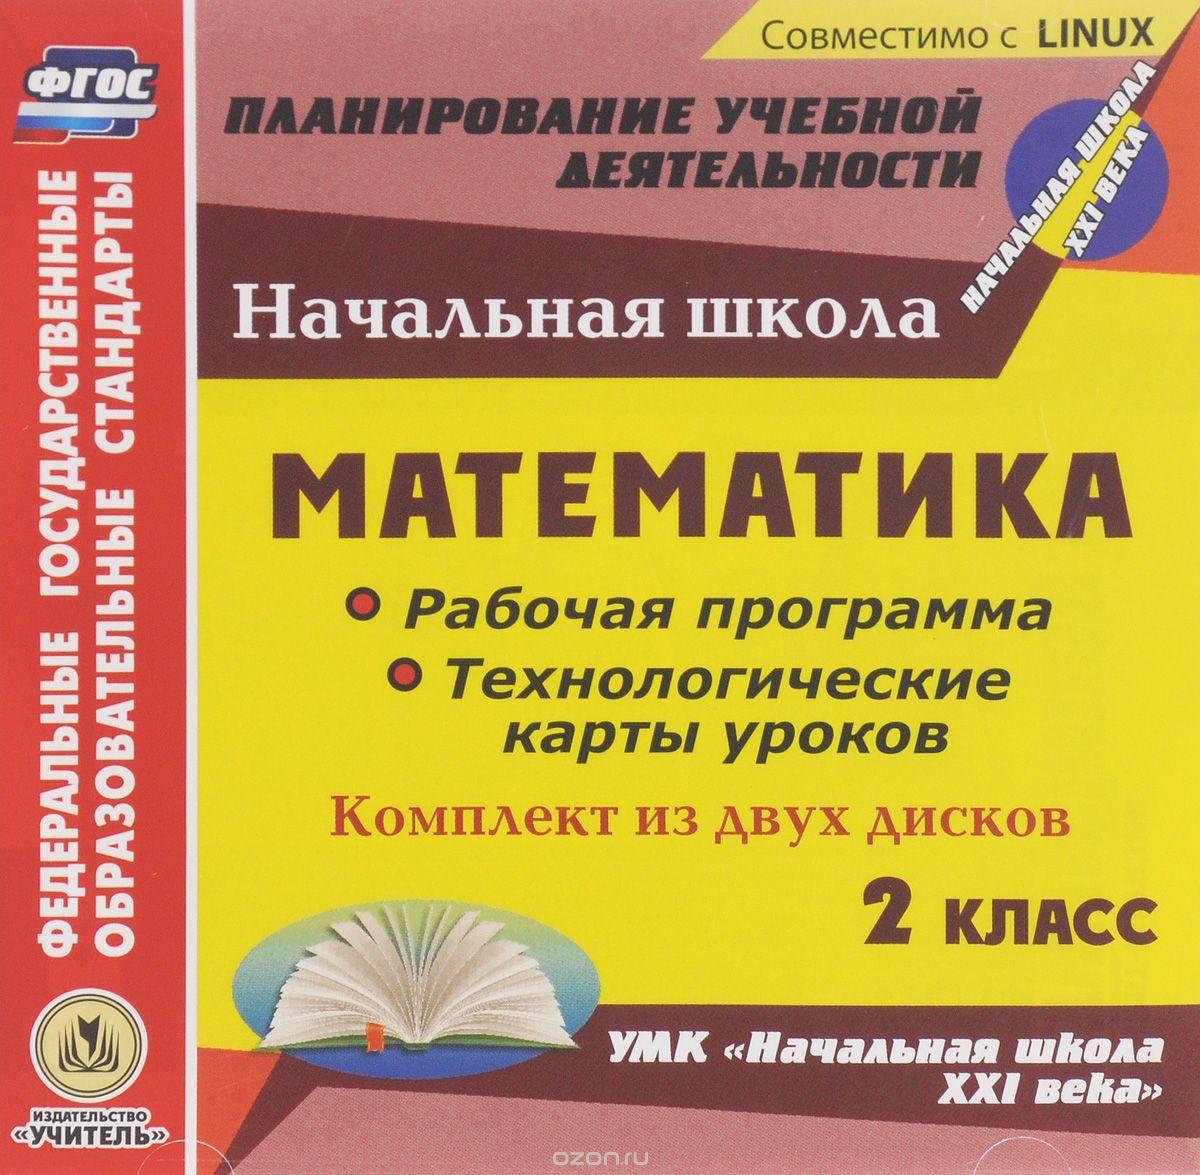 Математика. 2 класс. Рабочая программа и технологические карты уроков по УМК Начальная школа XX века (2 CD)